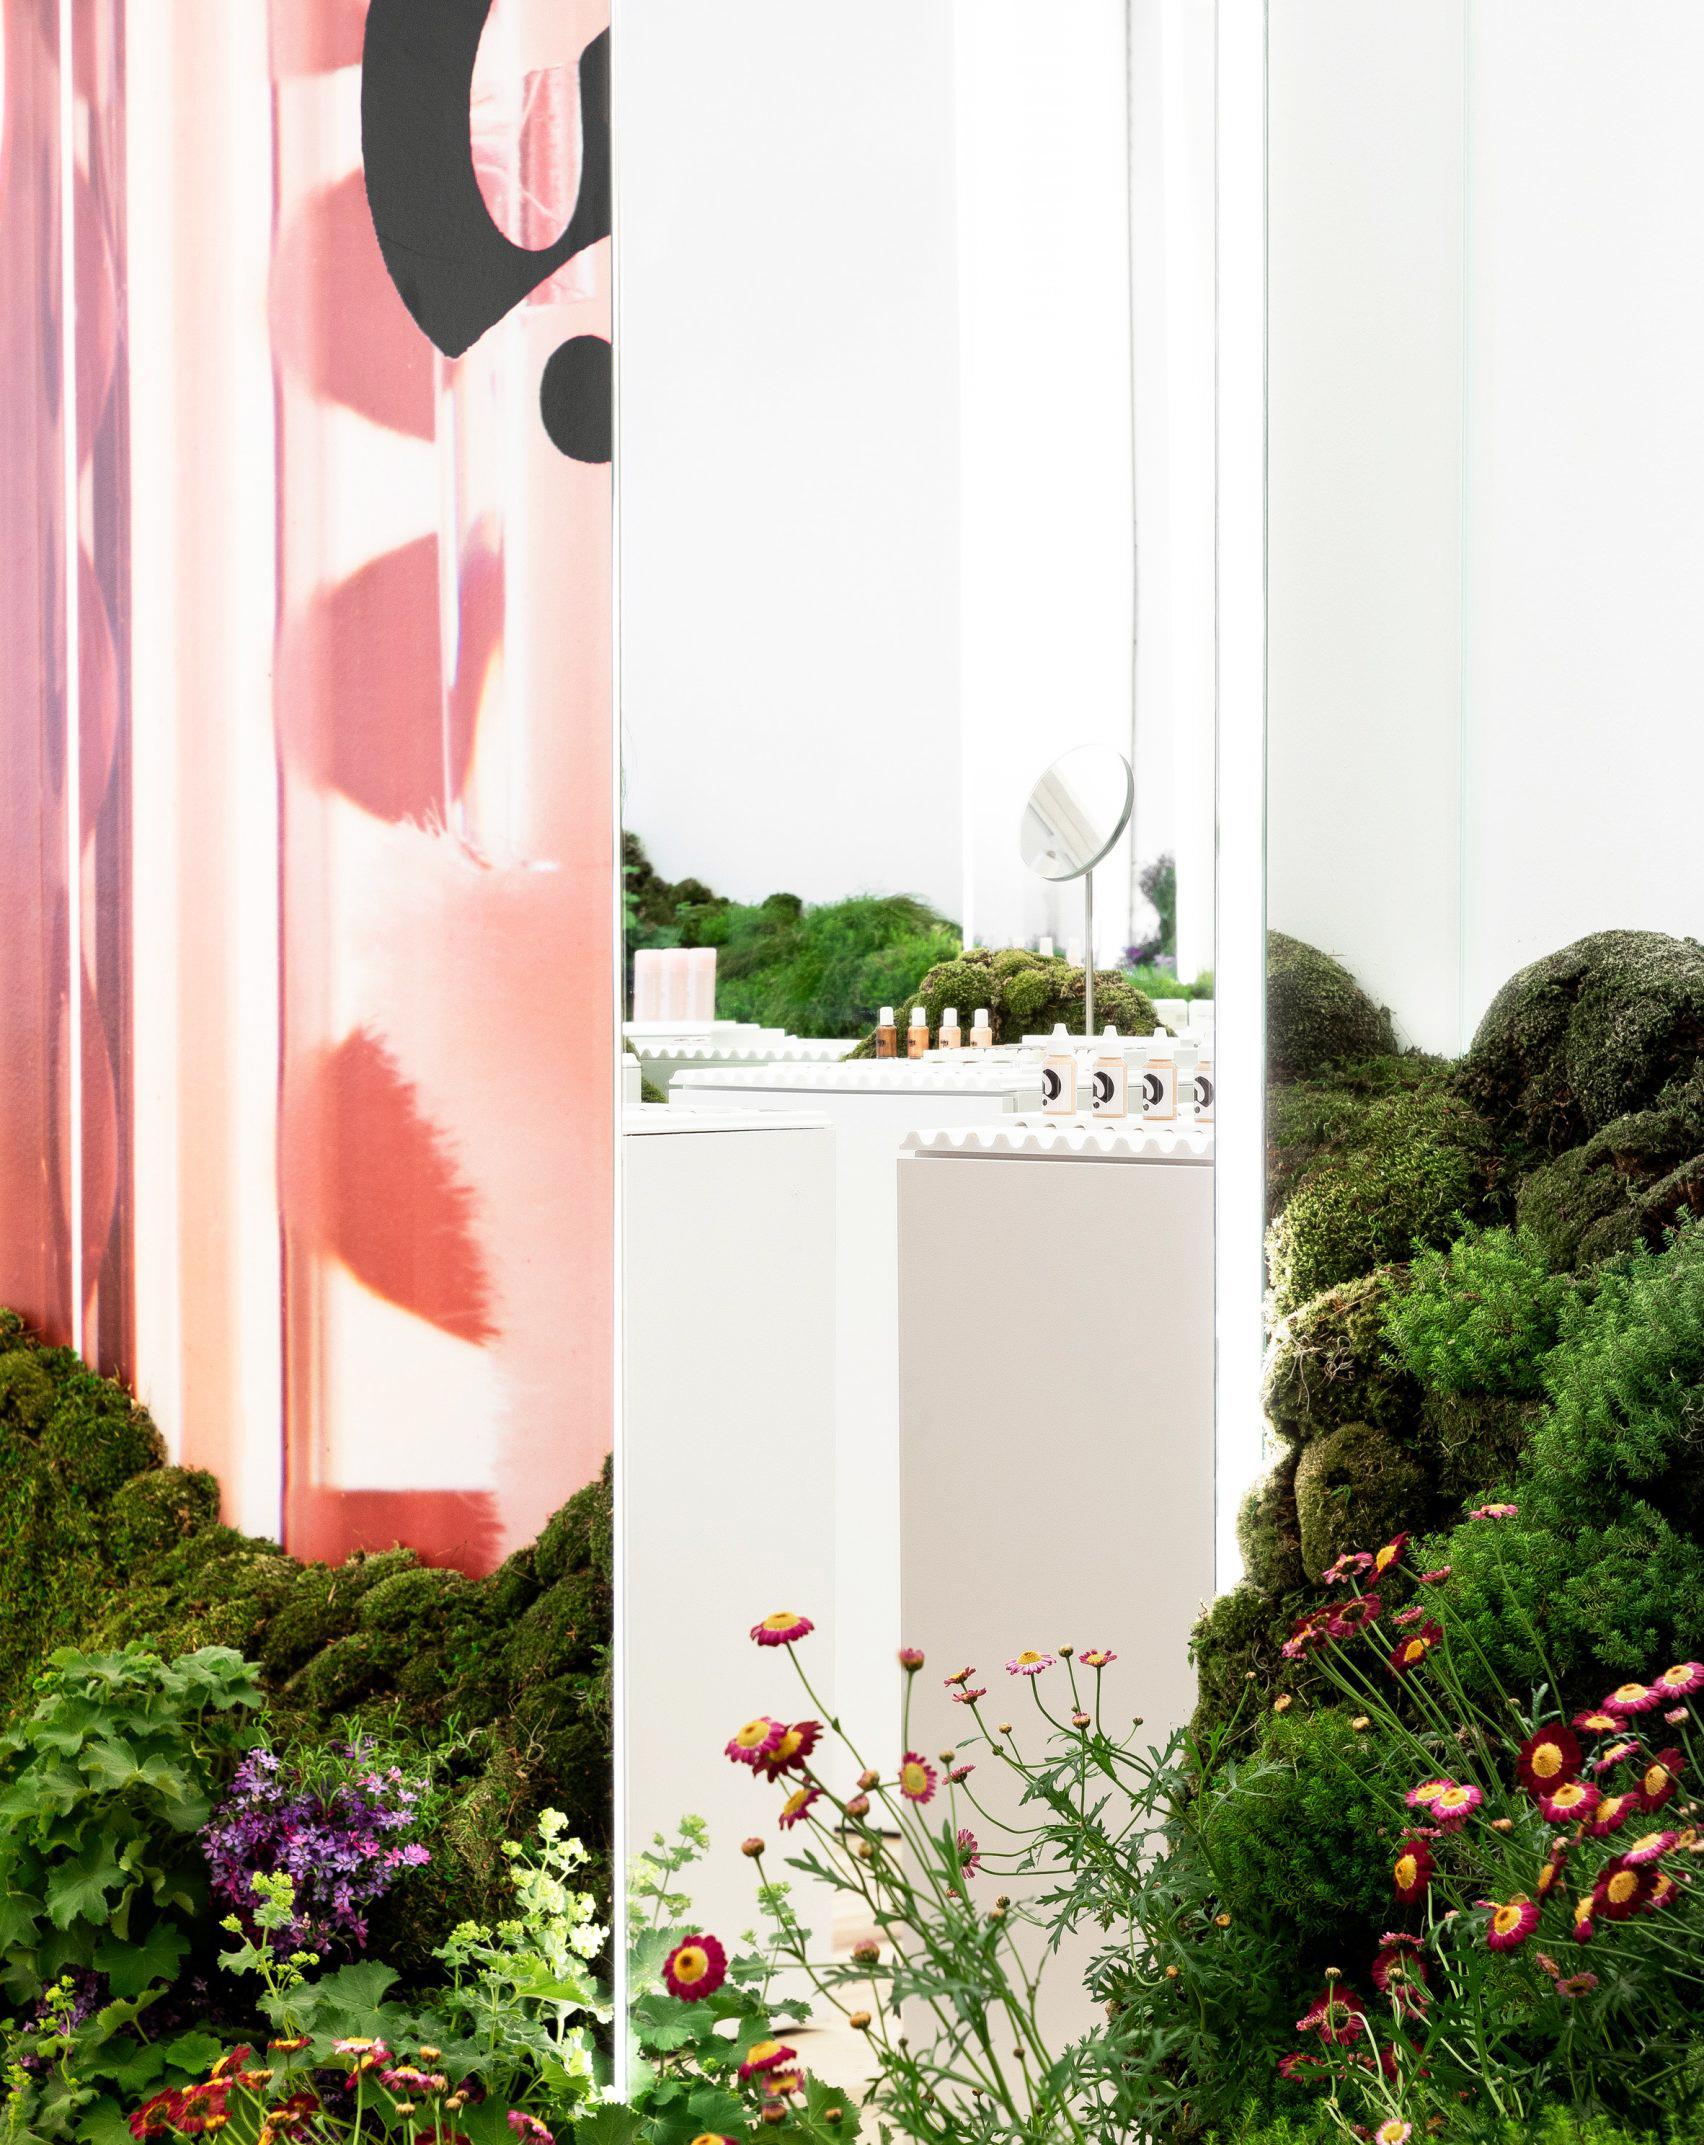 苔や花で覆われた丘が存在する対比が美しいコスメショップの店舗設計